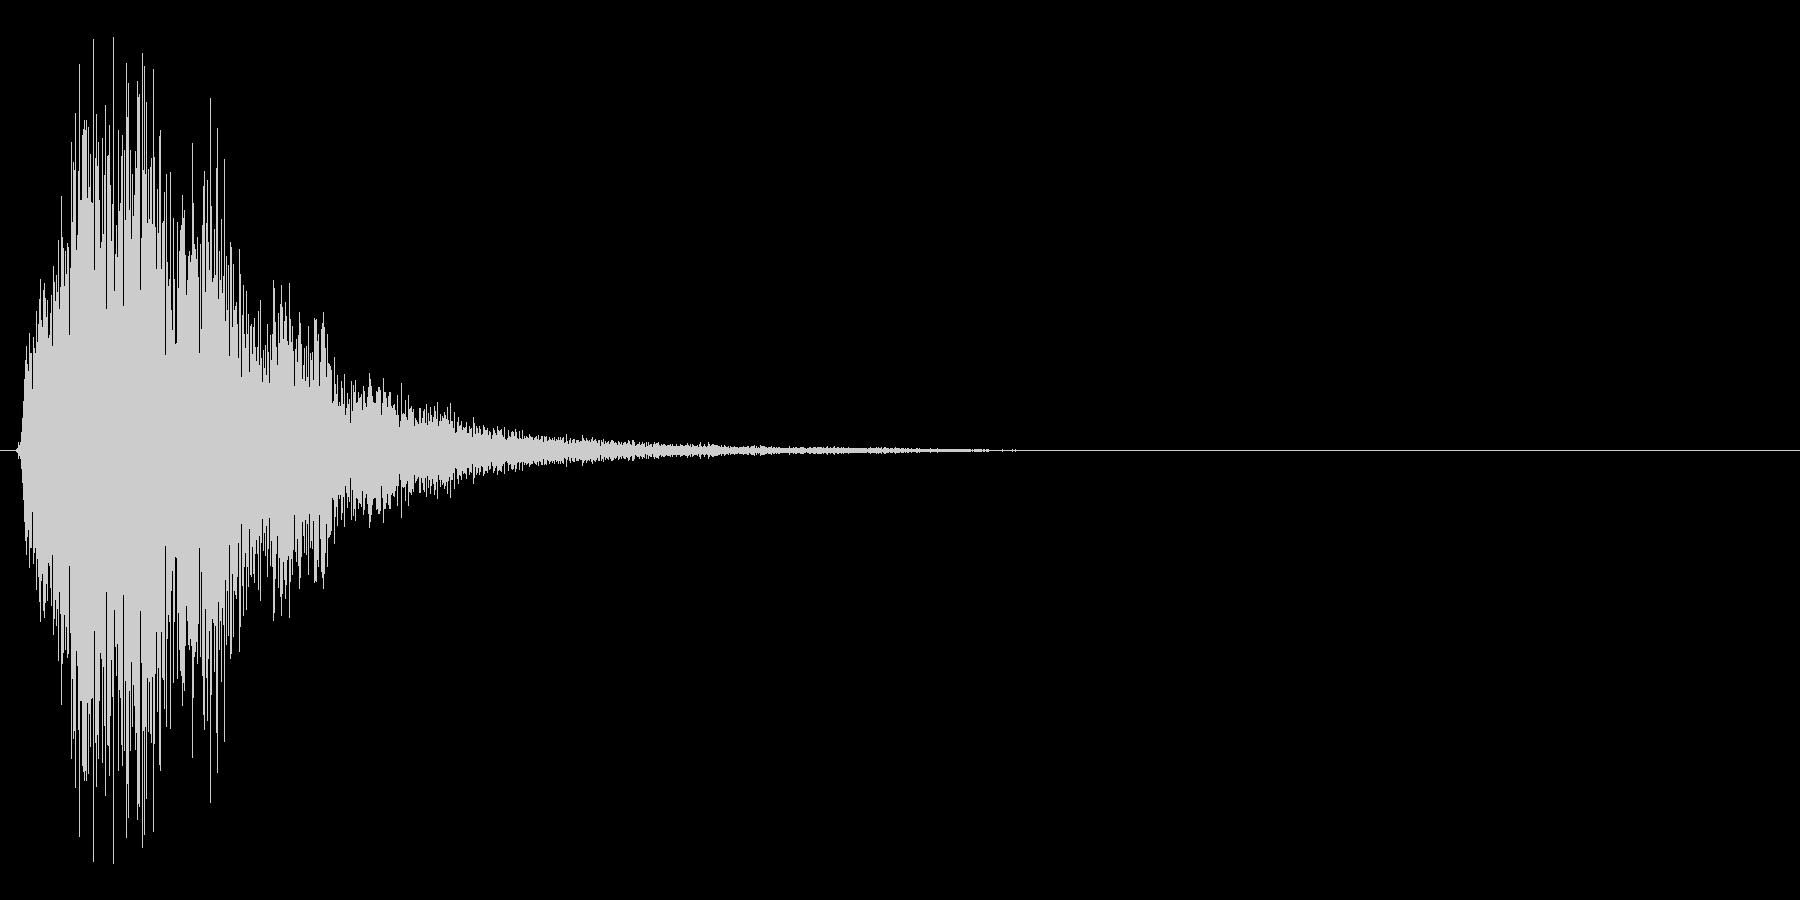 タッチすると光が広がるイメージの決定音1の未再生の波形